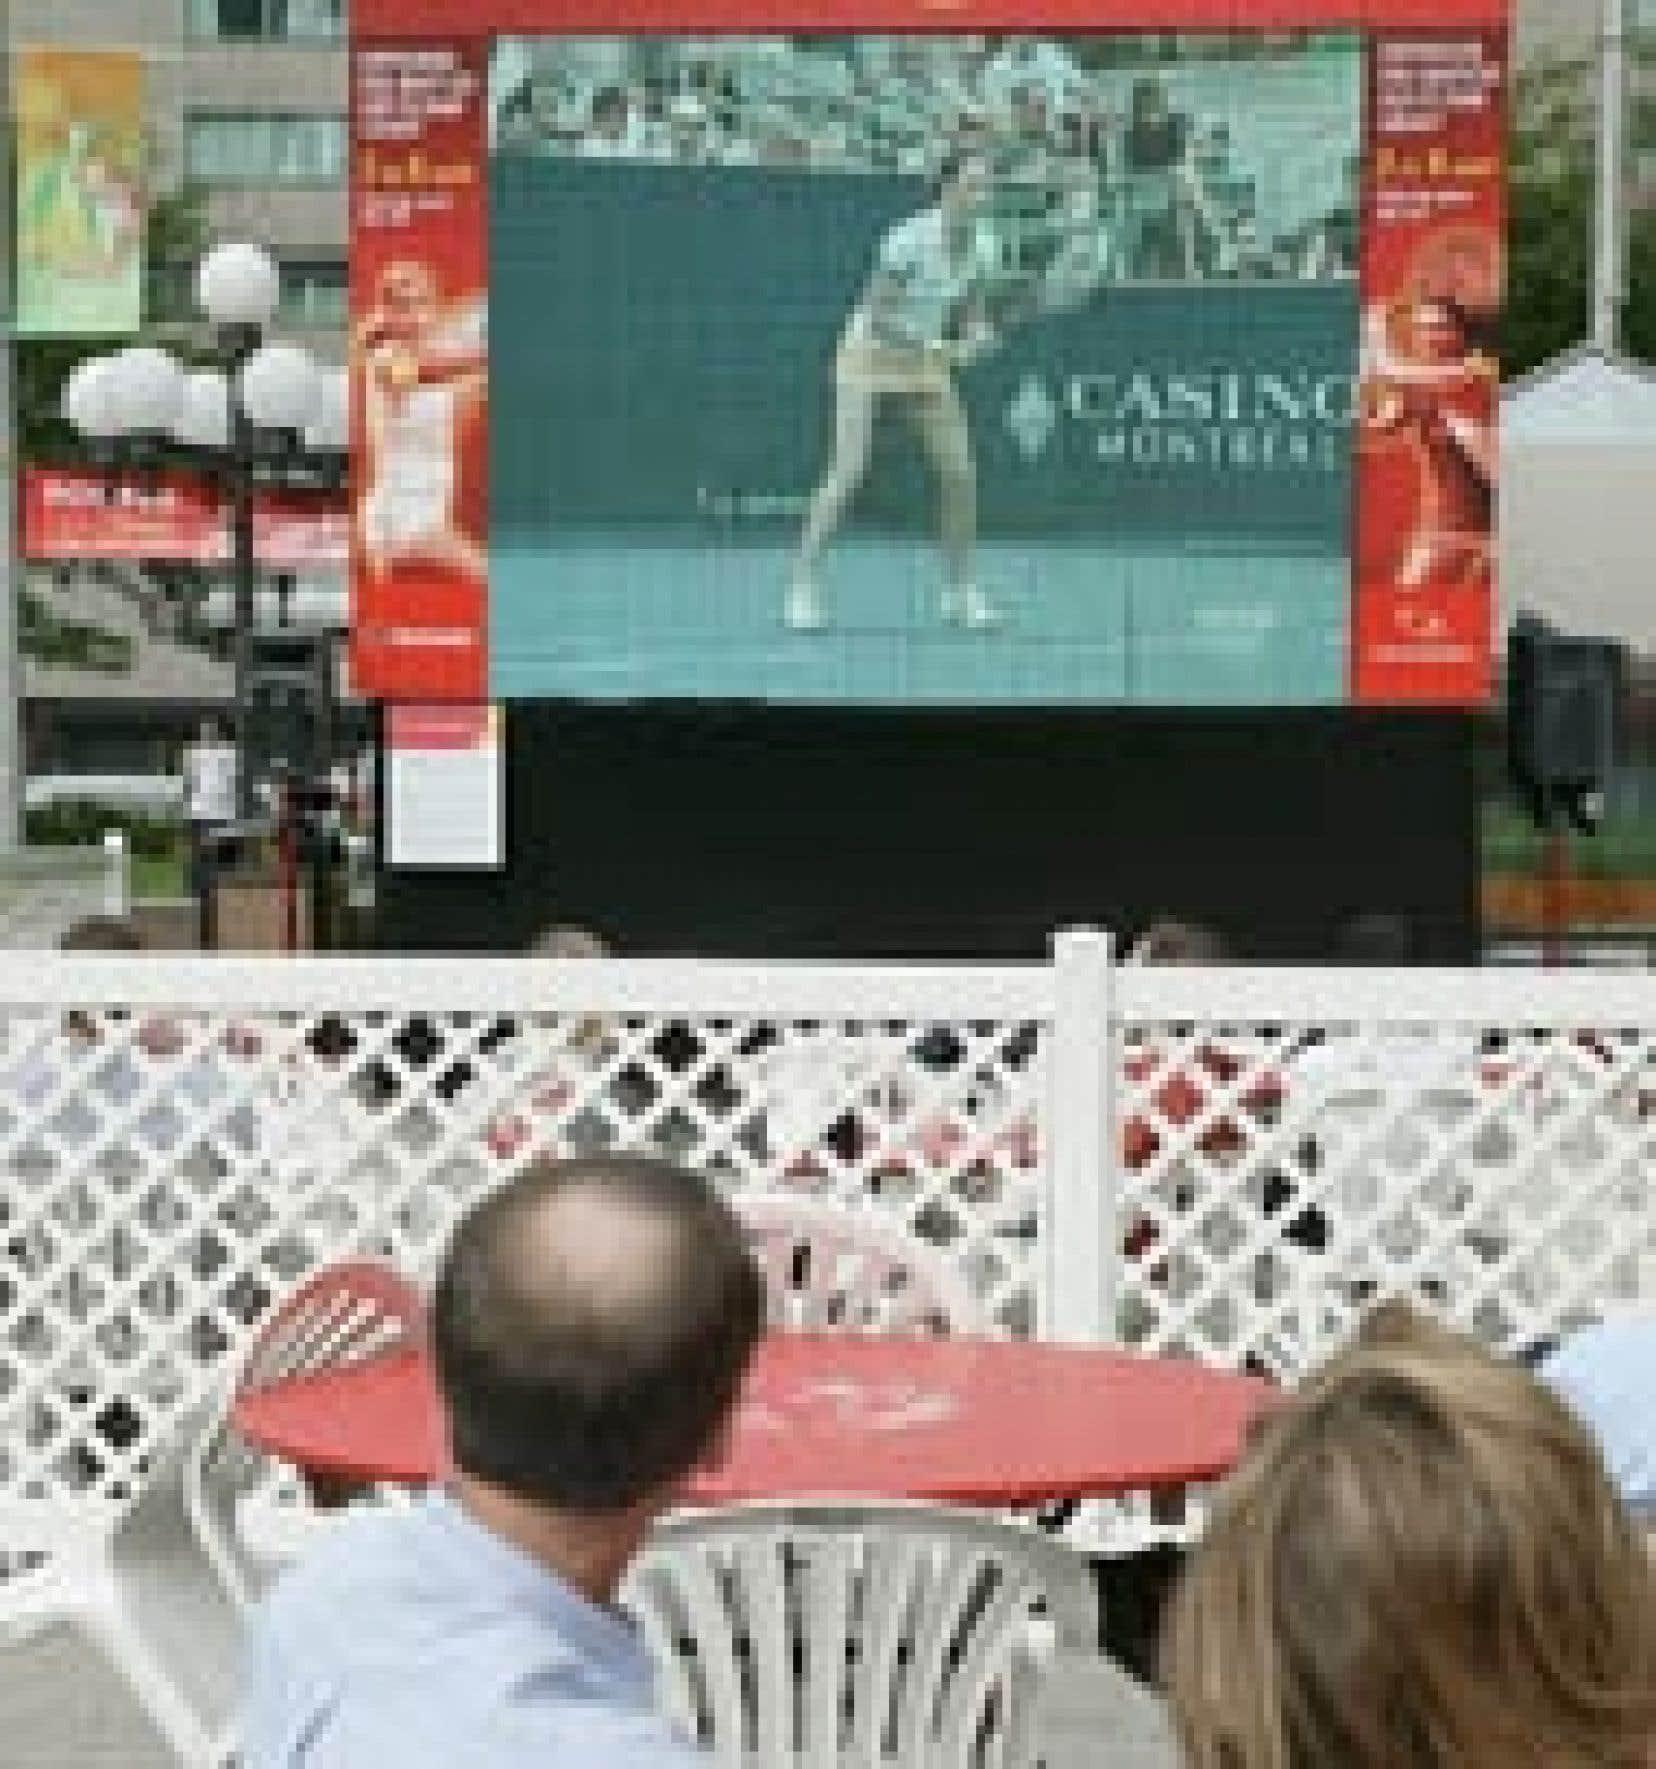 Les amateurs de tennis peuvent assister aux meilleurs matchs du tournoi Rogers sur un écran géant extérieur, Place Ville-Marie. On peut voir ici la Russe Alina Jidkova lors du match qui l'opposait hier à l'Américaine Jennifer Capriati.